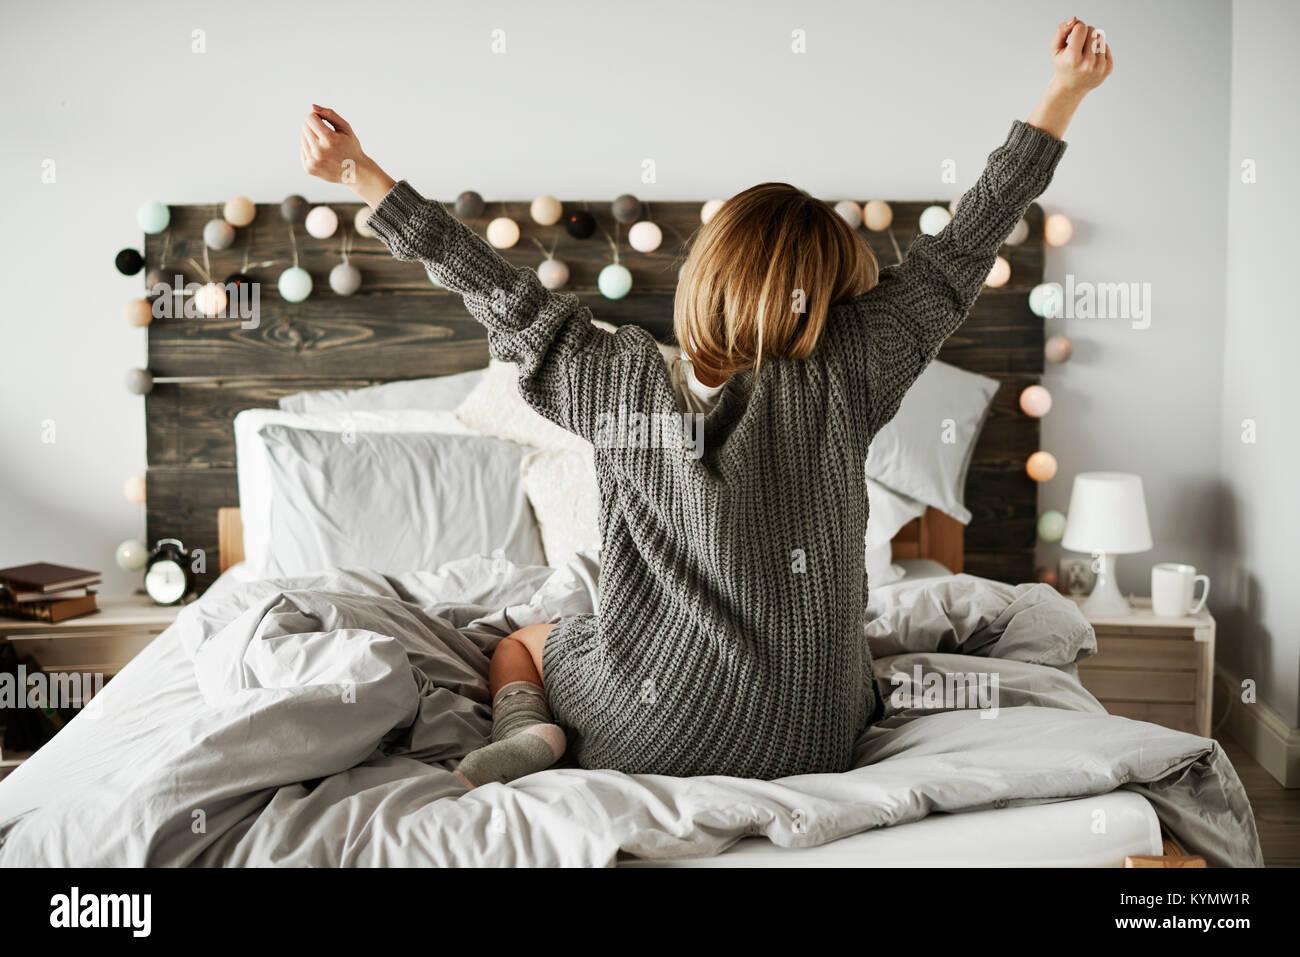 Ansicht von hinten von einer Frau, die sich in ihrem Bett Stockbild